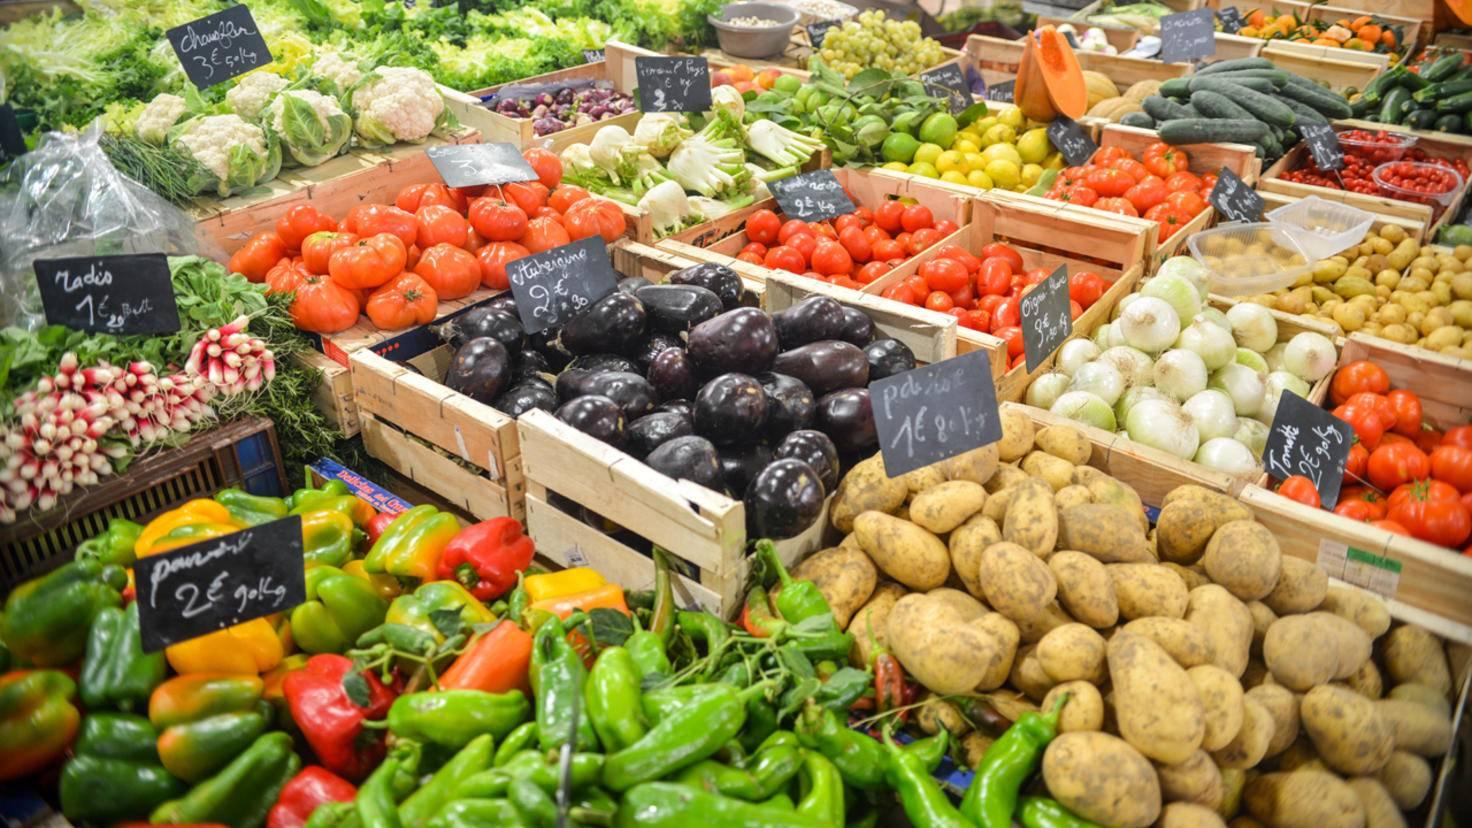 Frische Zutaten bekommst Du zuverlässig auf einem Wochenmarkt.